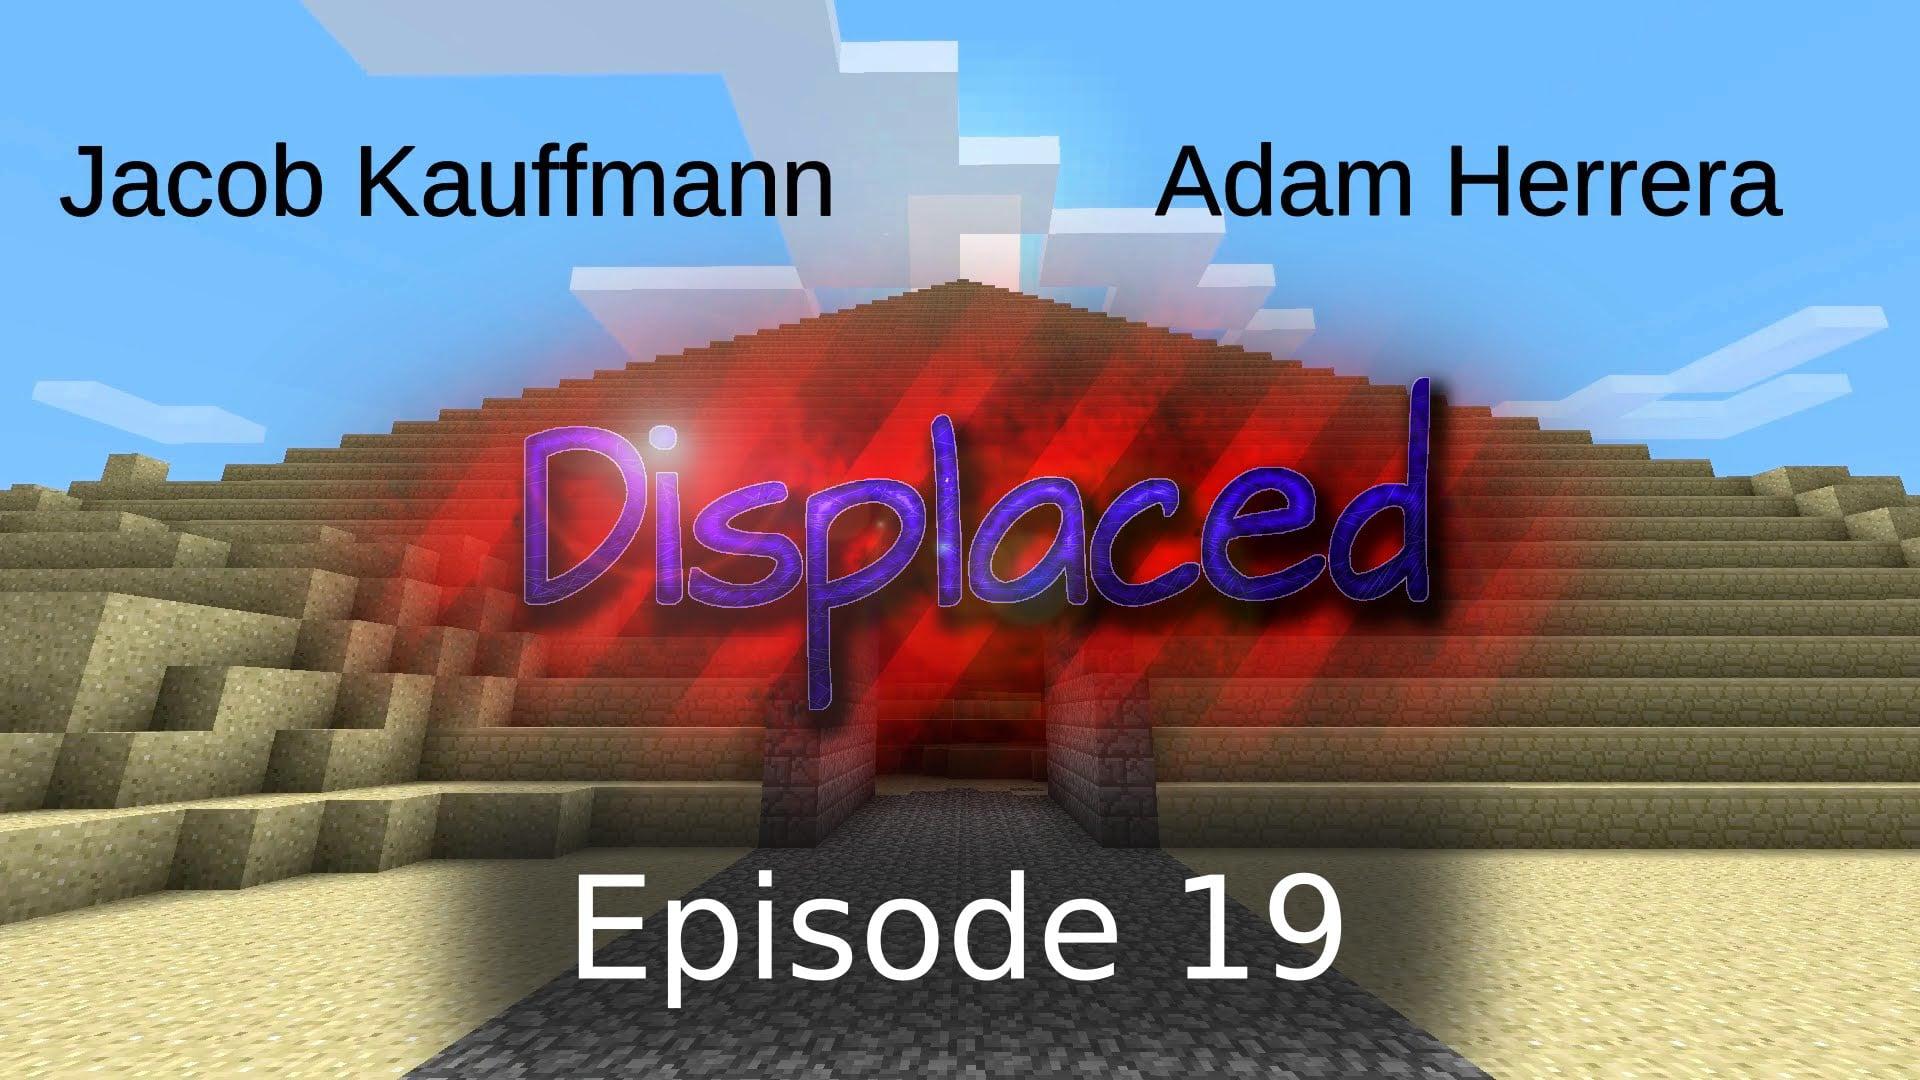 Episode 19 - Displaced